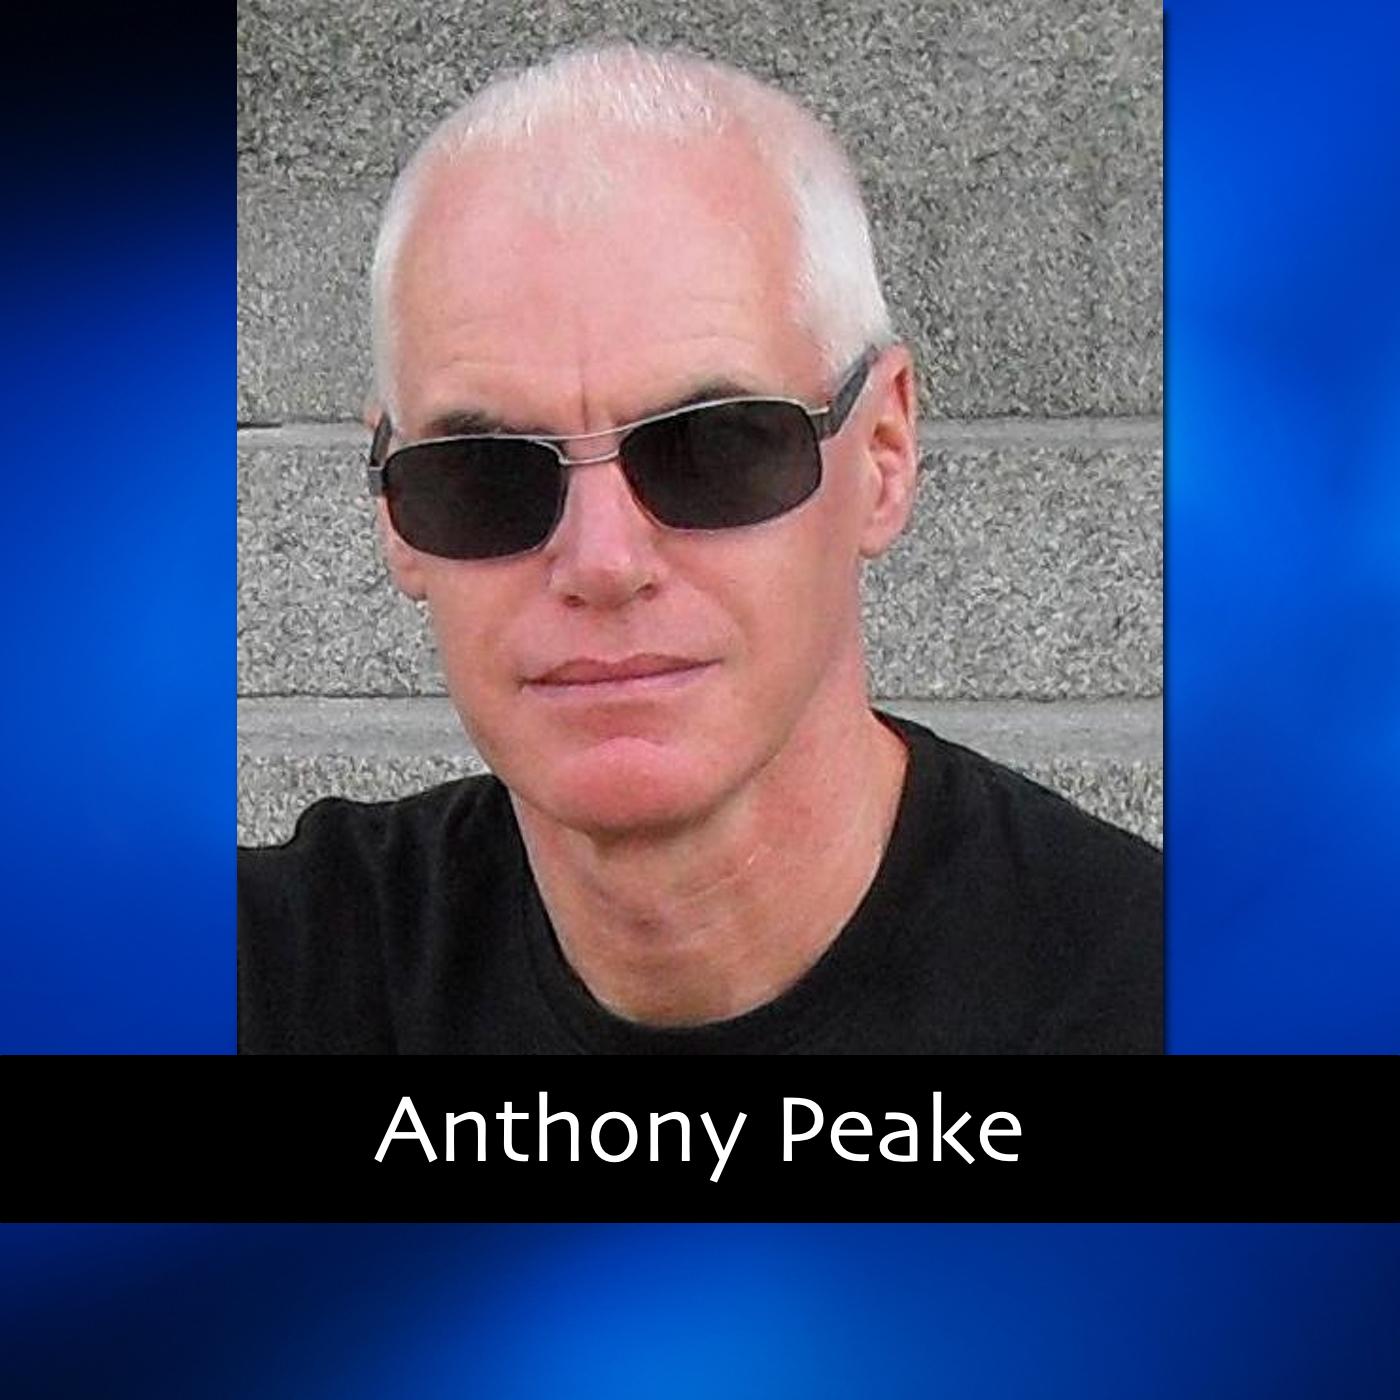 Anthony Peake thumb.jpg